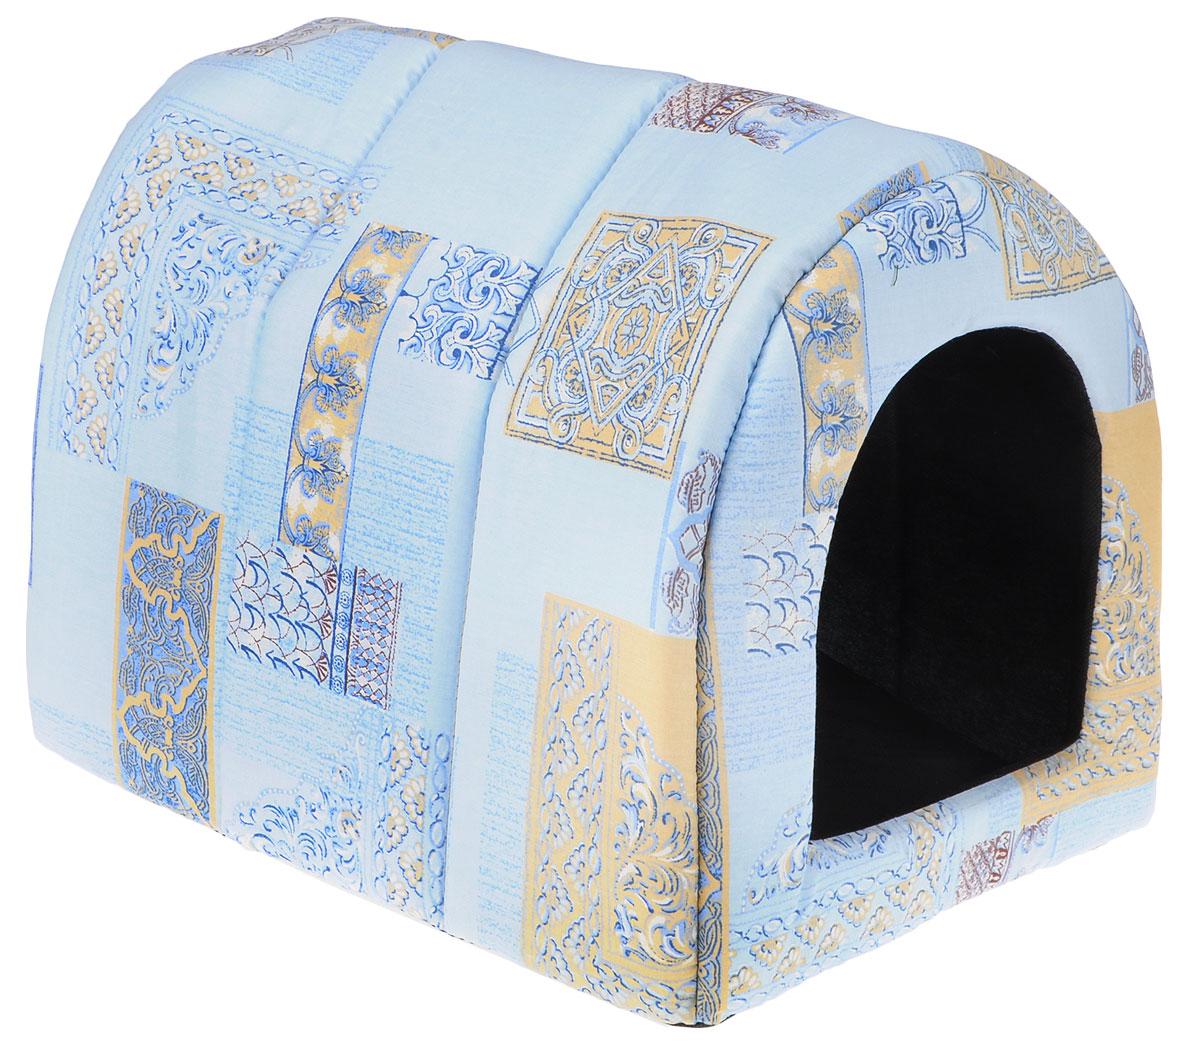 Домик для животных Elite Valley Норка, цвет: голубой, 48 х 38 х 38 см. Л10/40120710Домик Elite Valley Норка непременно станет любимым местом отдыха вашего домашнего животного. Изделие выполнено из бязи и нетканого материала, а наполнитель - из поролона. Такой материал не теряет своей формы долгое время. Внутри имеется мягкая съемная подстилка.В таком домике вашему любимцу будет мягко и тепло. Он подарит вашему питомцу ощущение уюта и уединенности, а также возможность спрятаться.